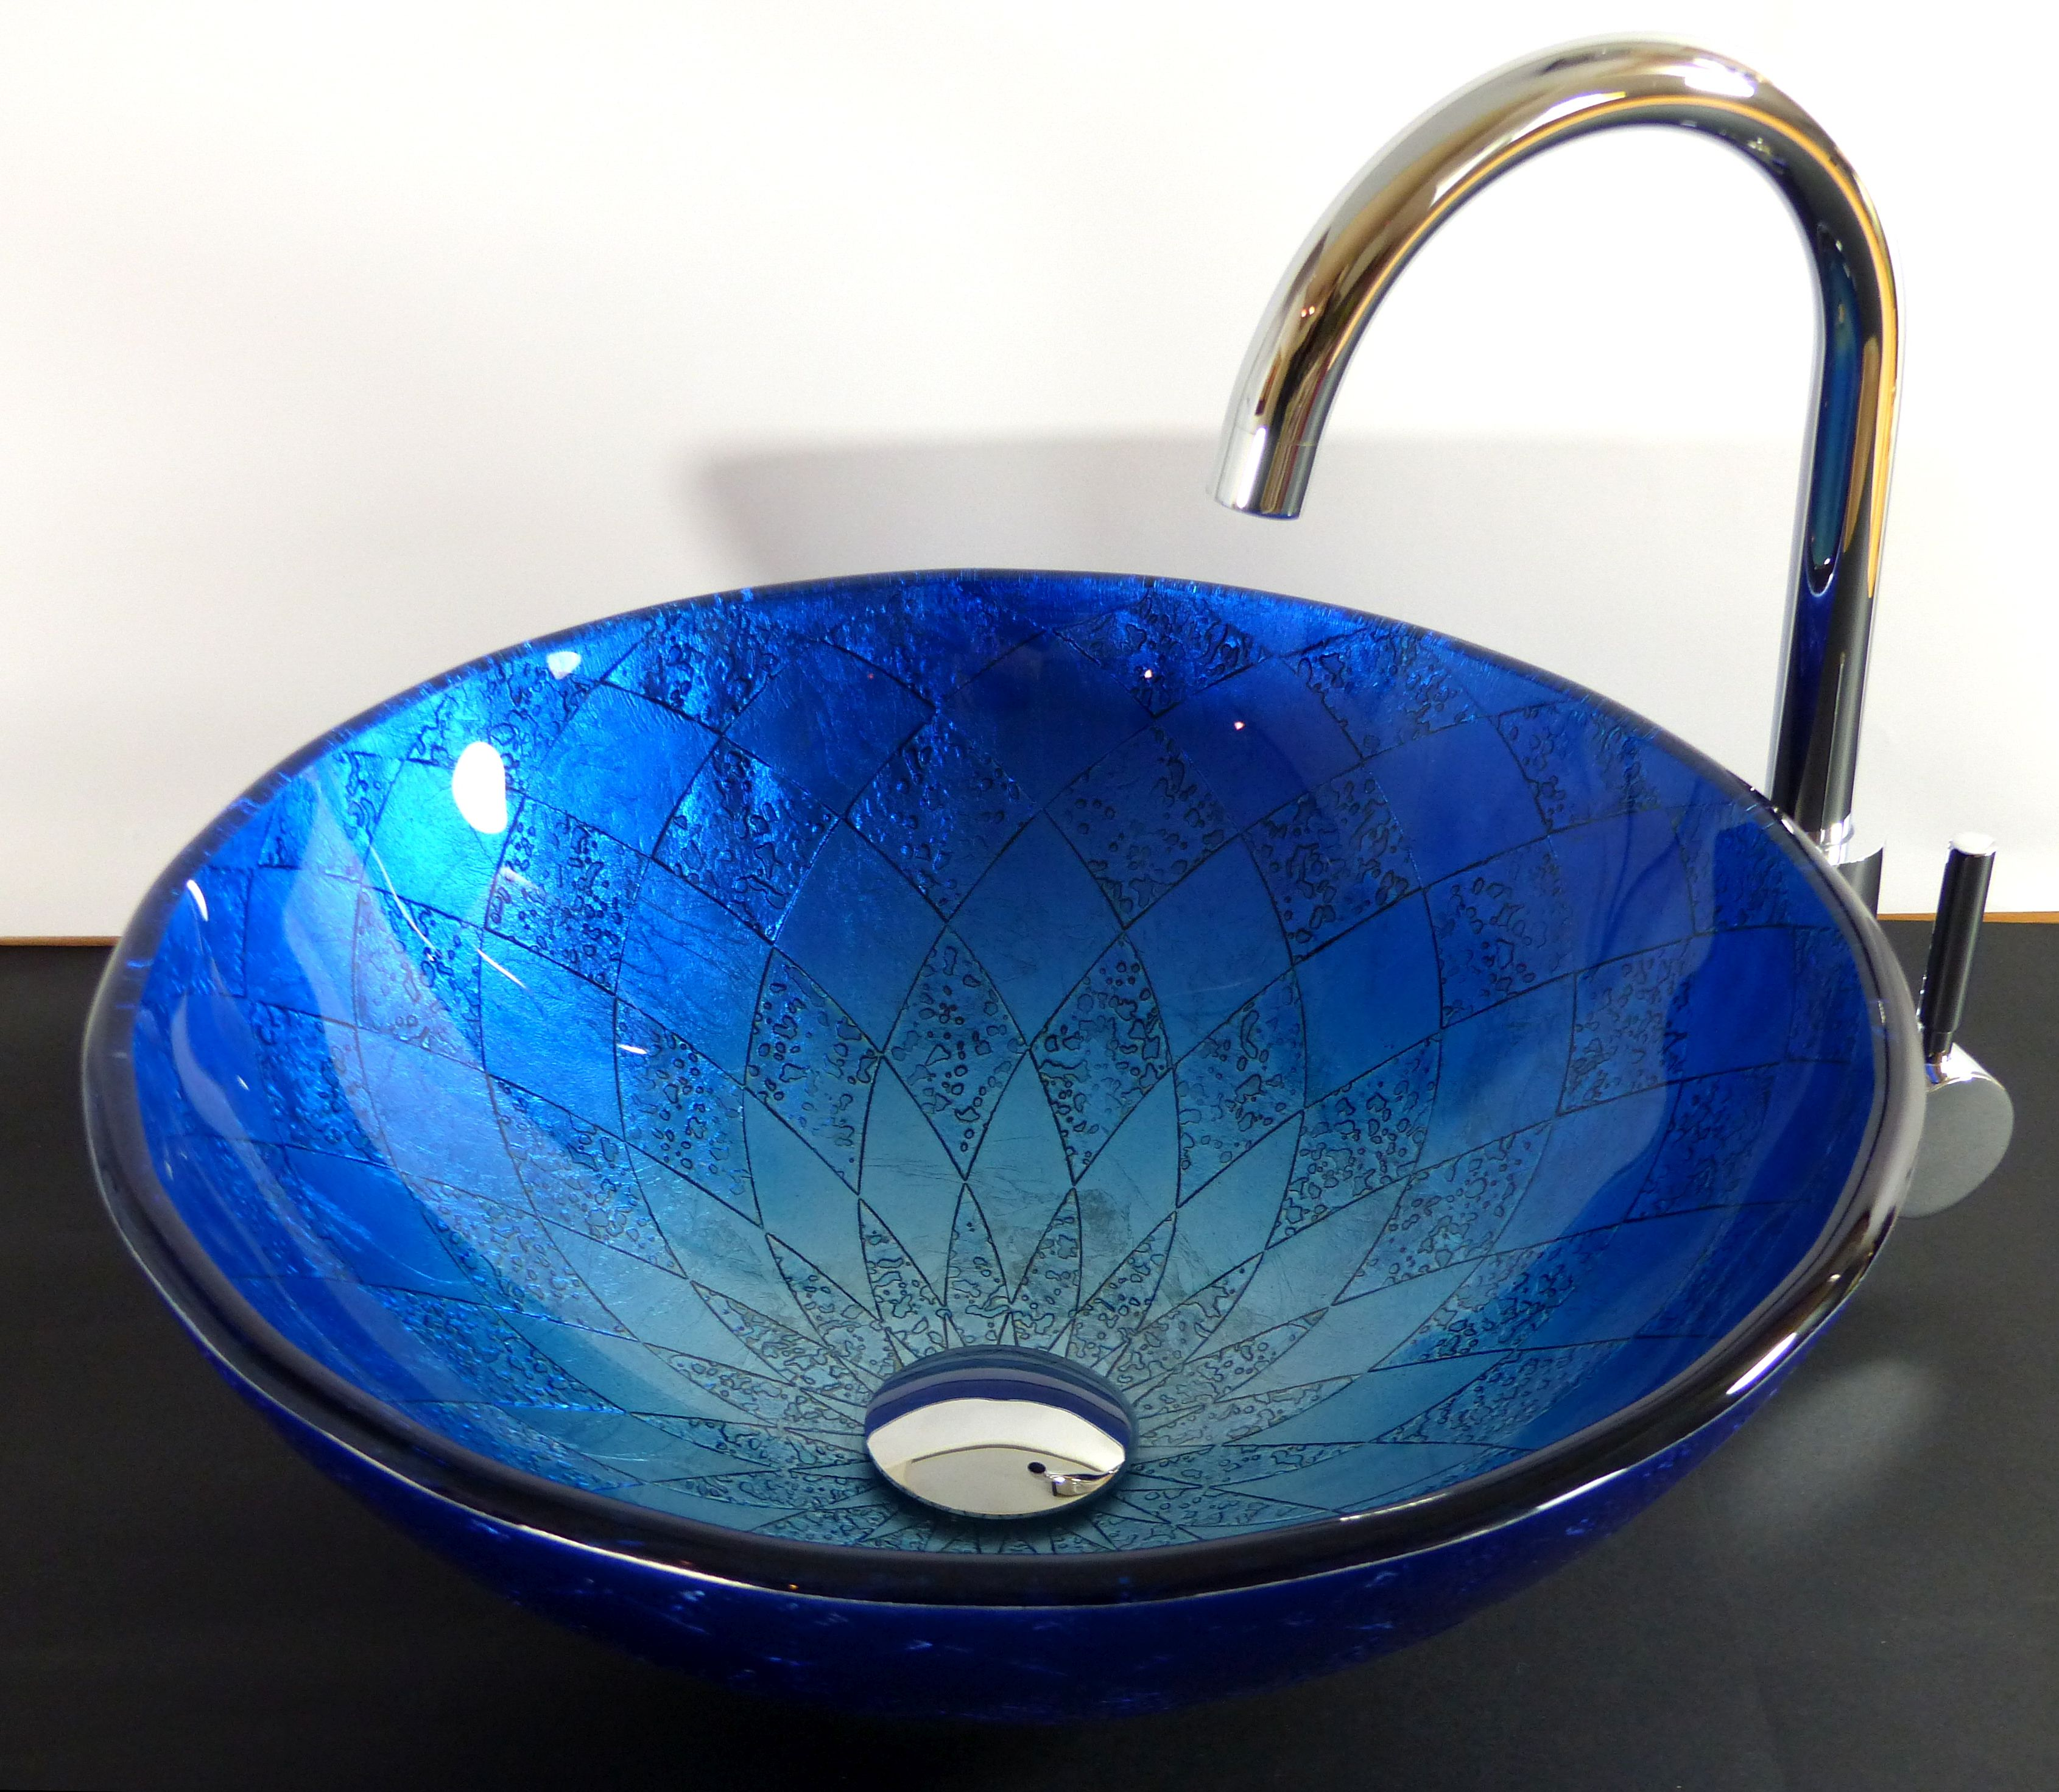 Nero Badshop  Aufsatz Glas Waschbecken Siena blau 42cm  ~ Waschbecken Blau